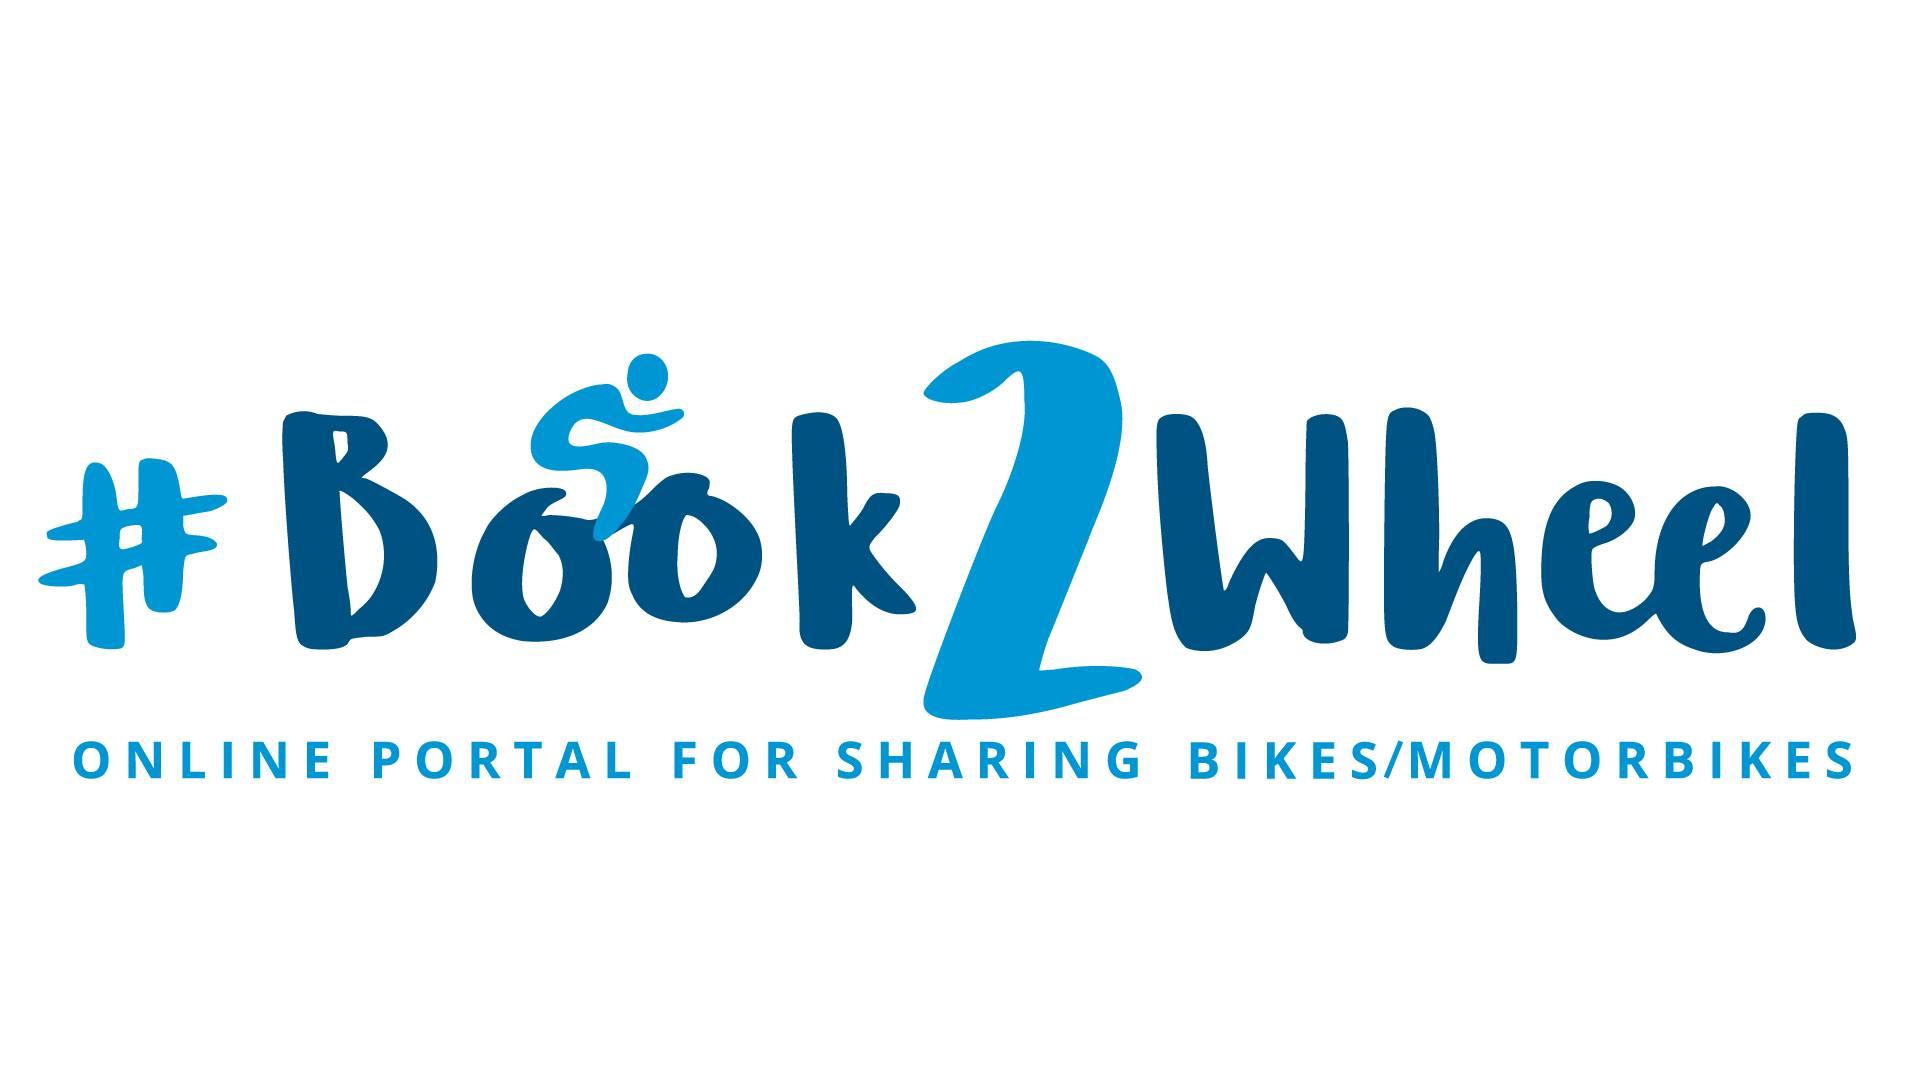 Book2wheel